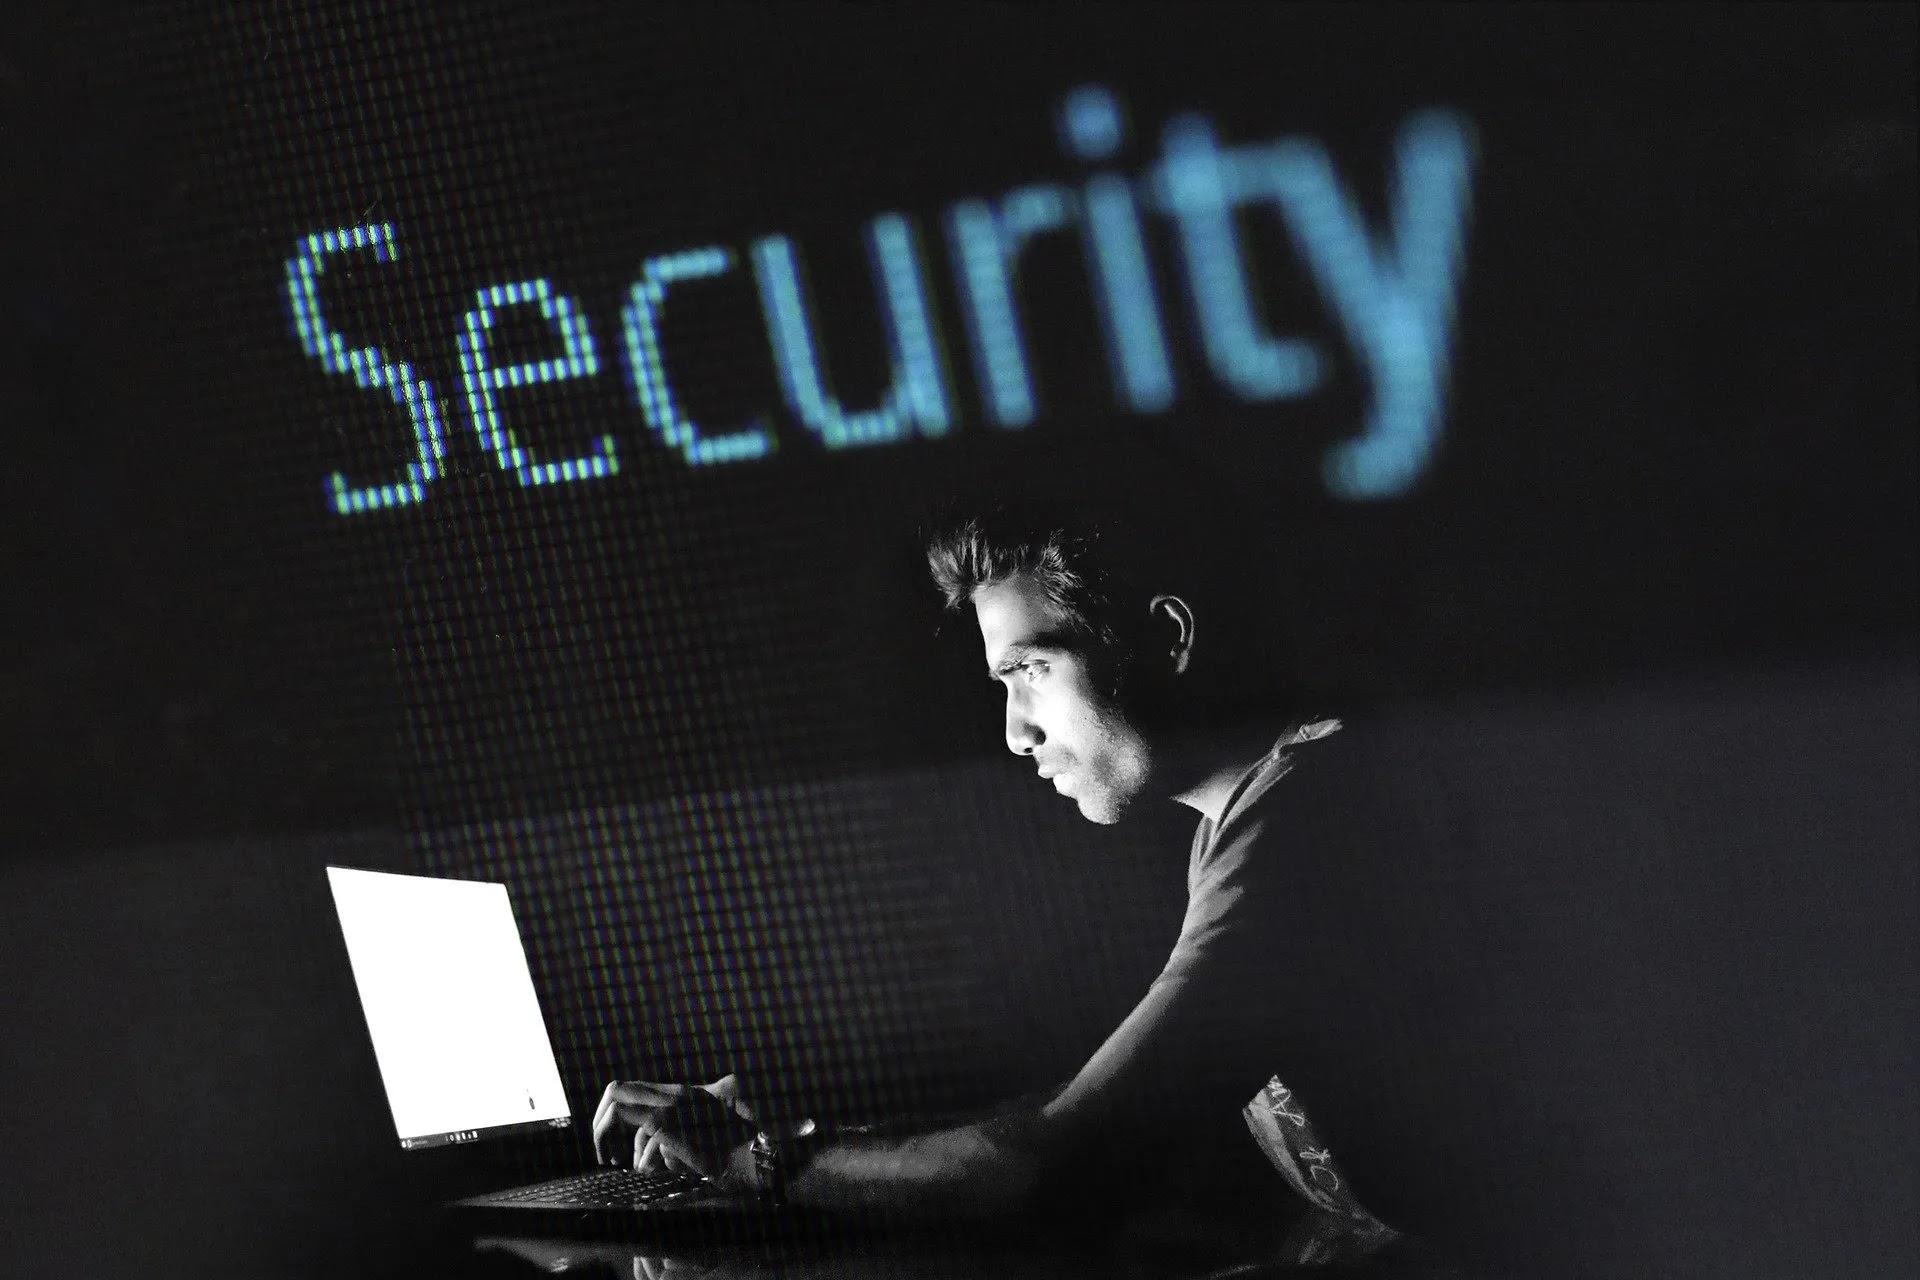 الحفاظ على أمان جهاز الكمبيوتر